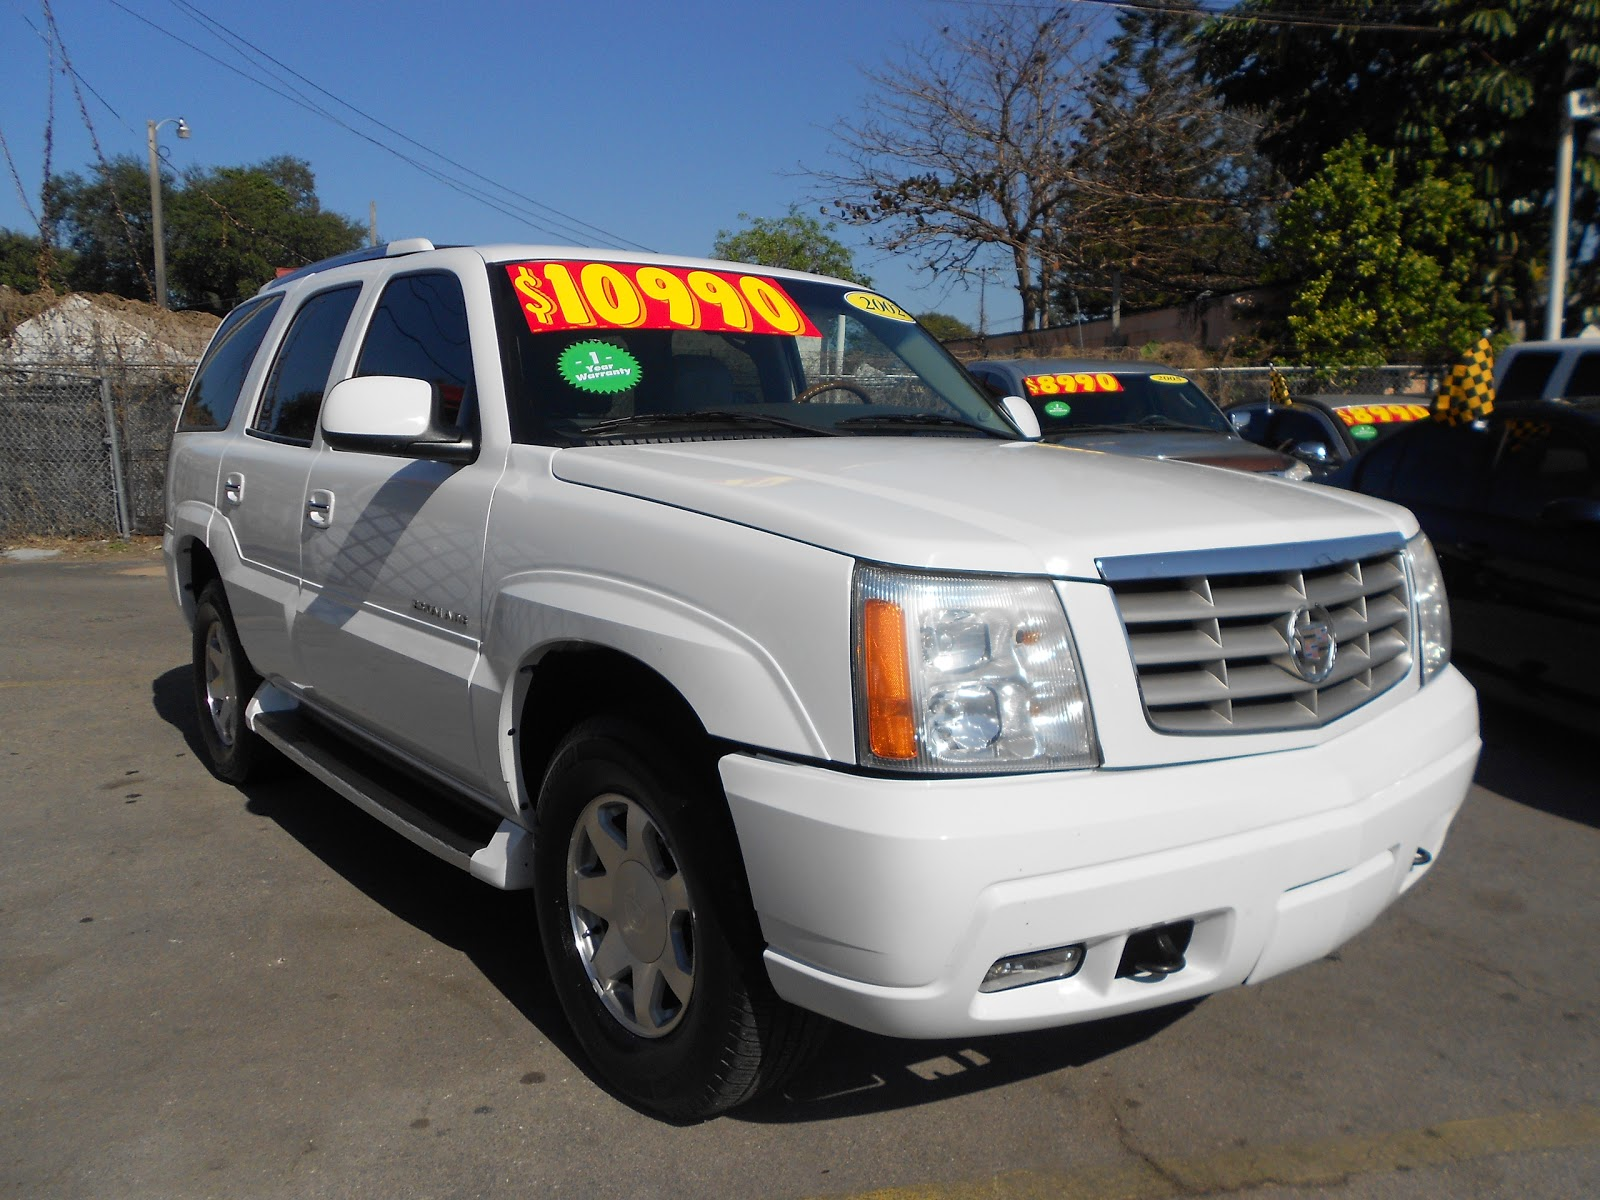 Coral Group Miami Used Cars Tax Season At Coral Group Miami Used Cars For Sale